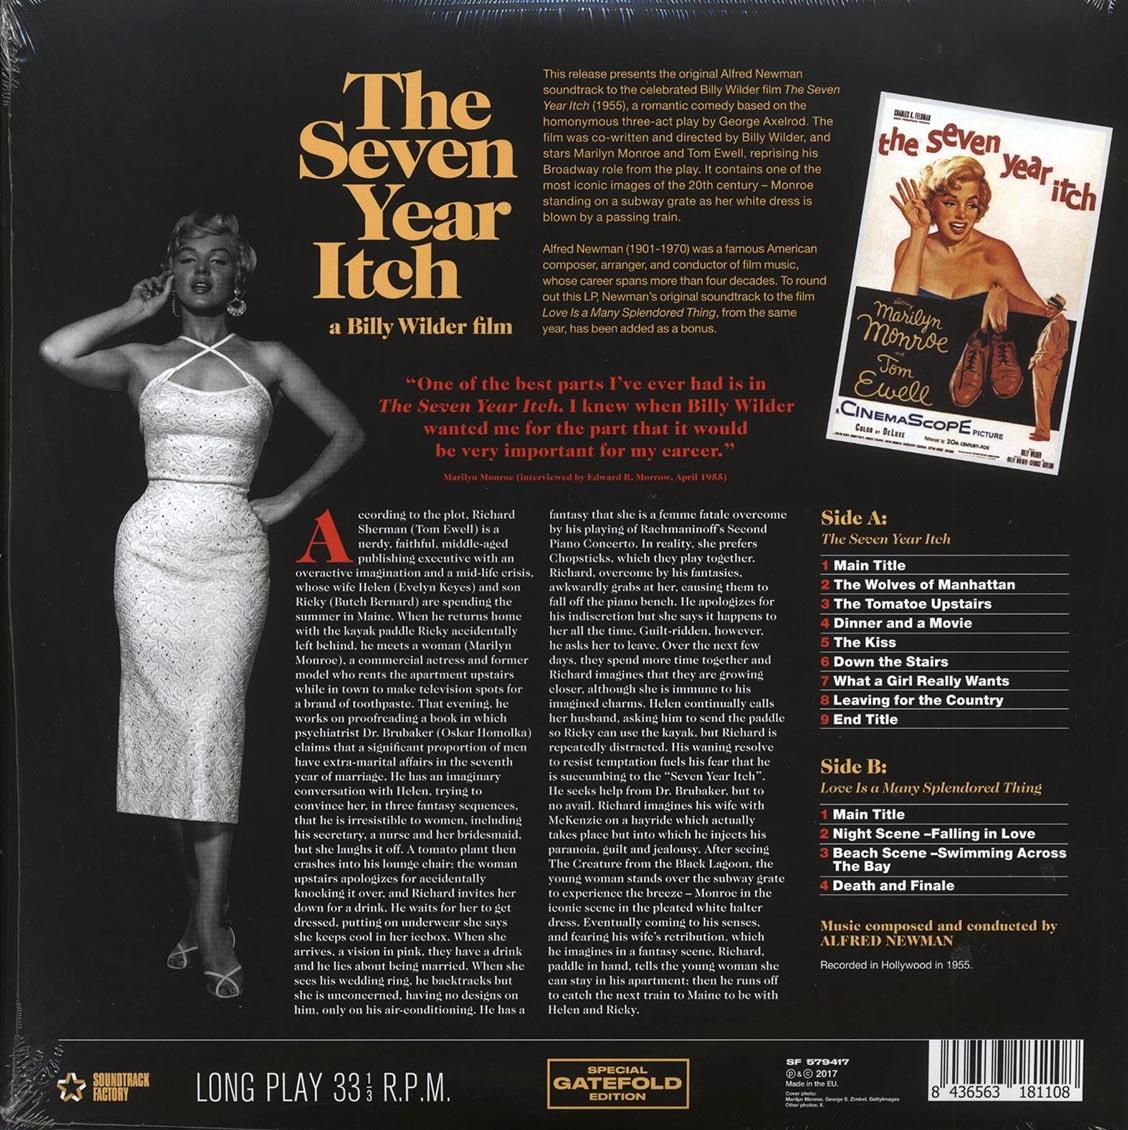 7년 만의 외출 / 모정 영화음악 (The Seven Year Itch / Love Is A Many Splendored Thing OST by Alfred Newman) [LP]